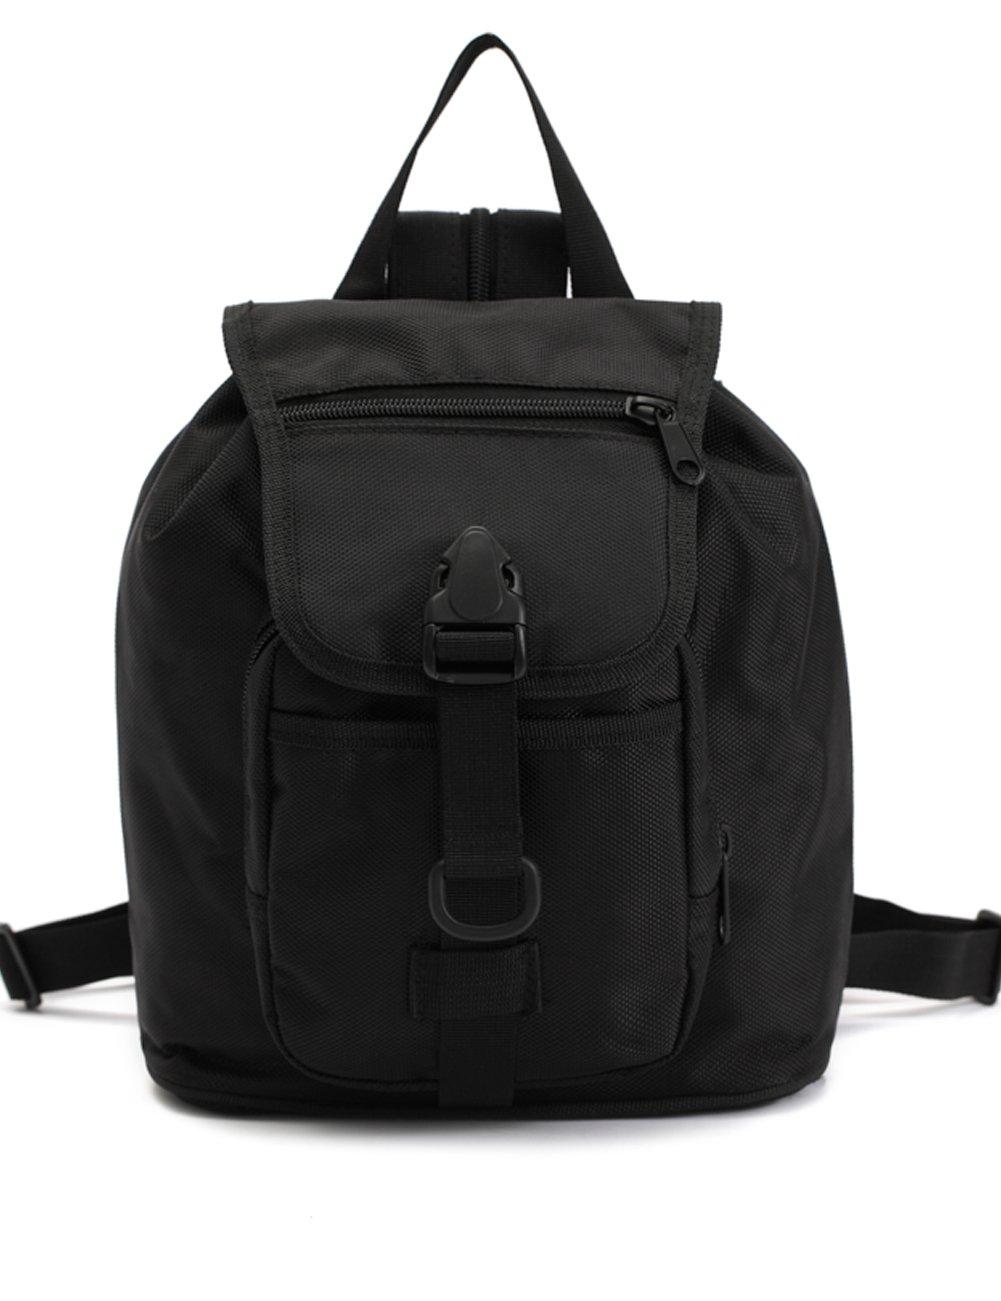 Mochila Kids Military Smallバックパック防水スクールBook Bags for男の子と女の子、10l B072KF2H3B ブラック